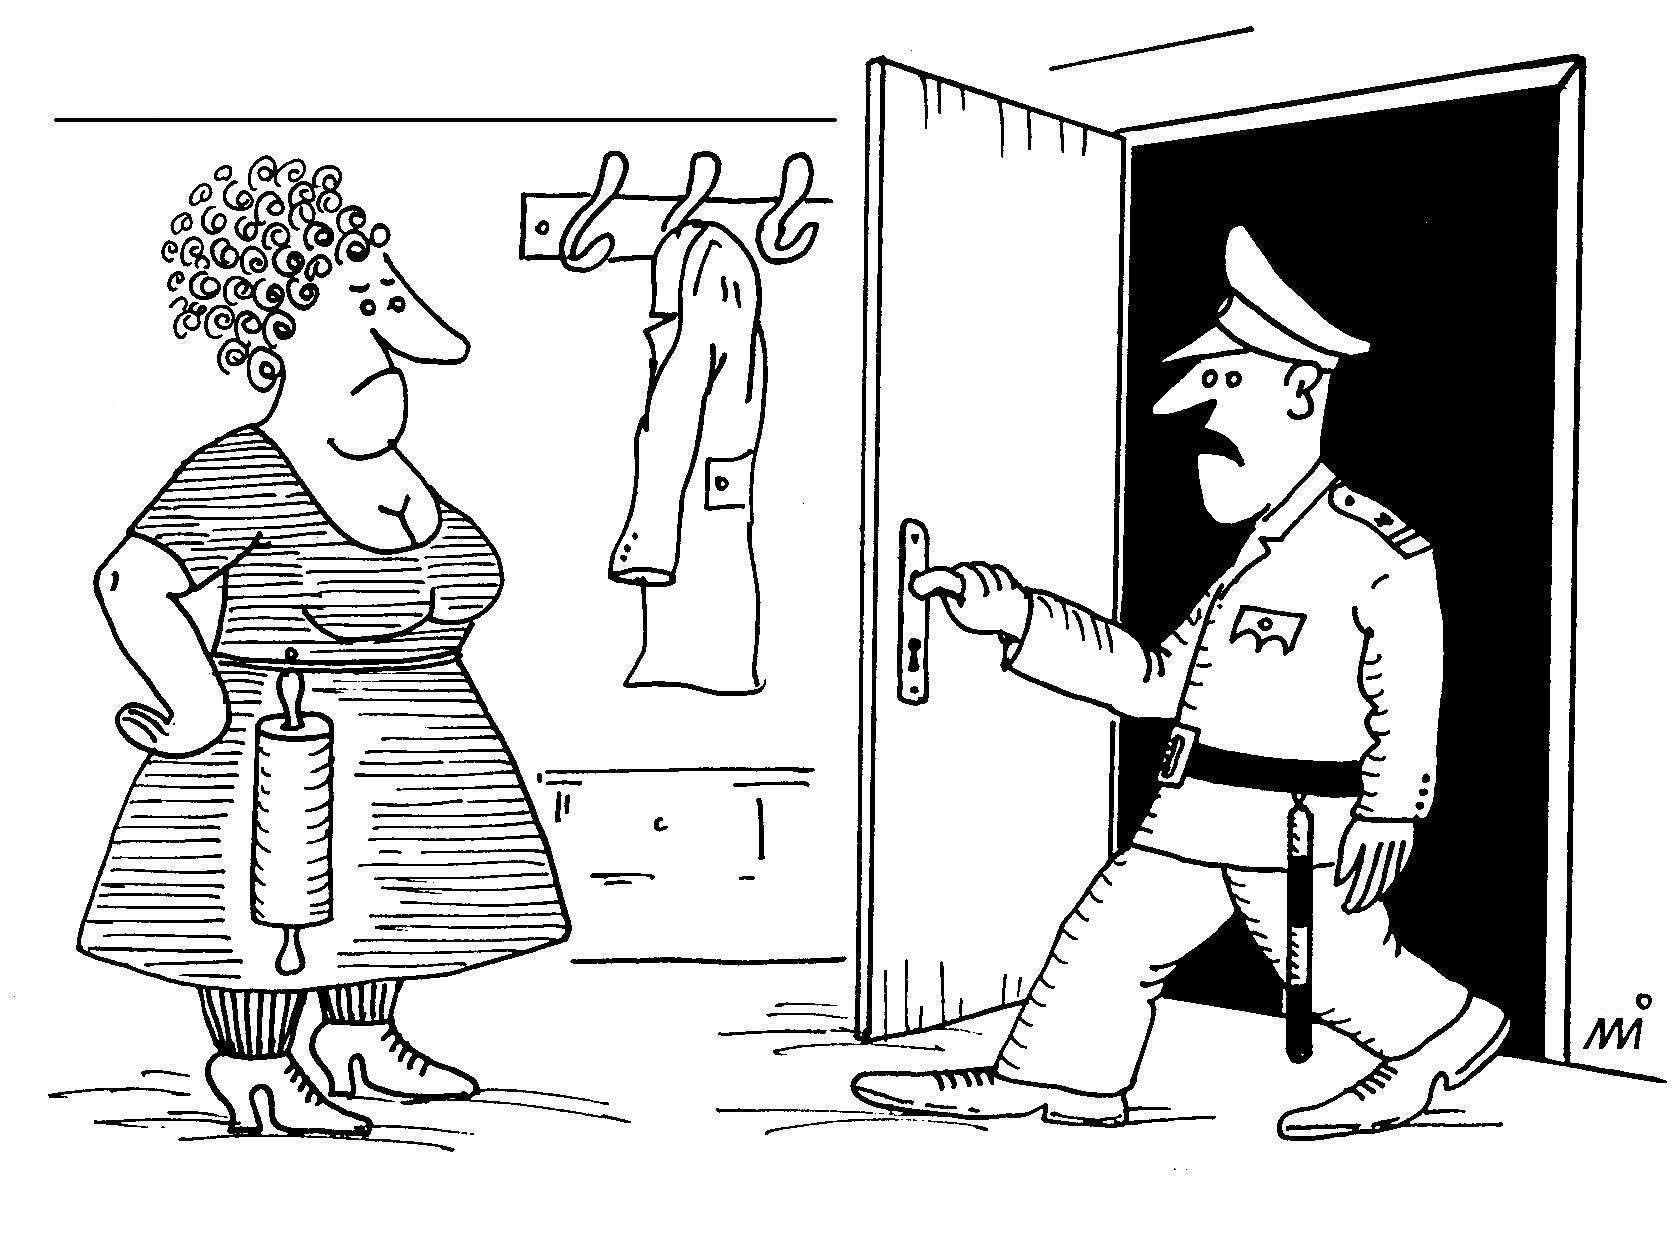 Rendőrfeleség1